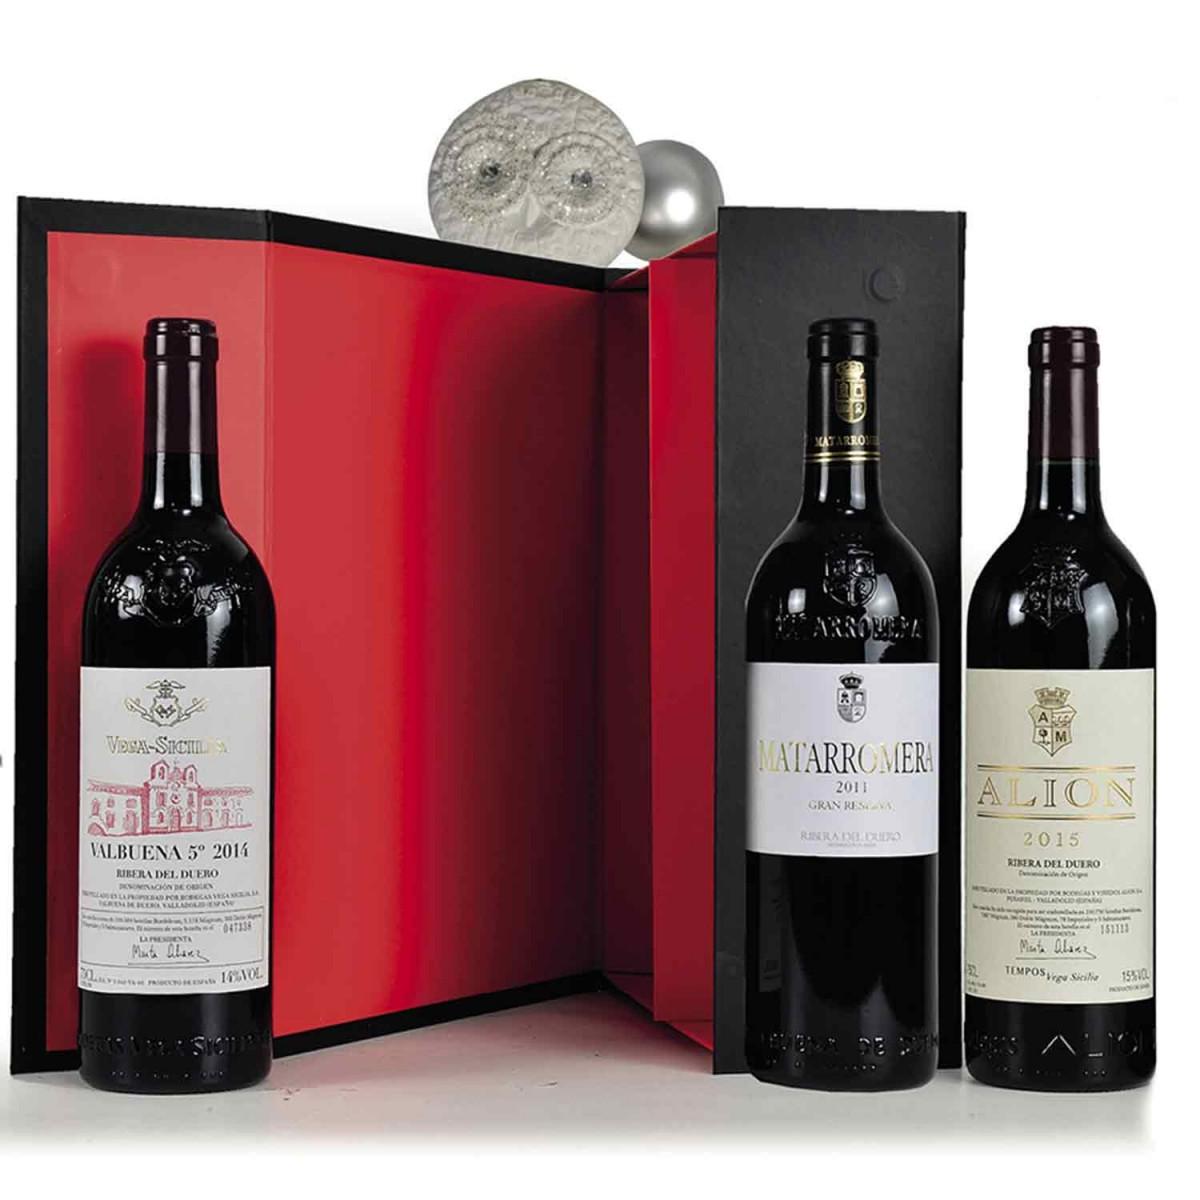 https://www.carneseleccion.com/10581-thickbox_default/seleccion-de-vinos-de-navidad-n-220.jpg